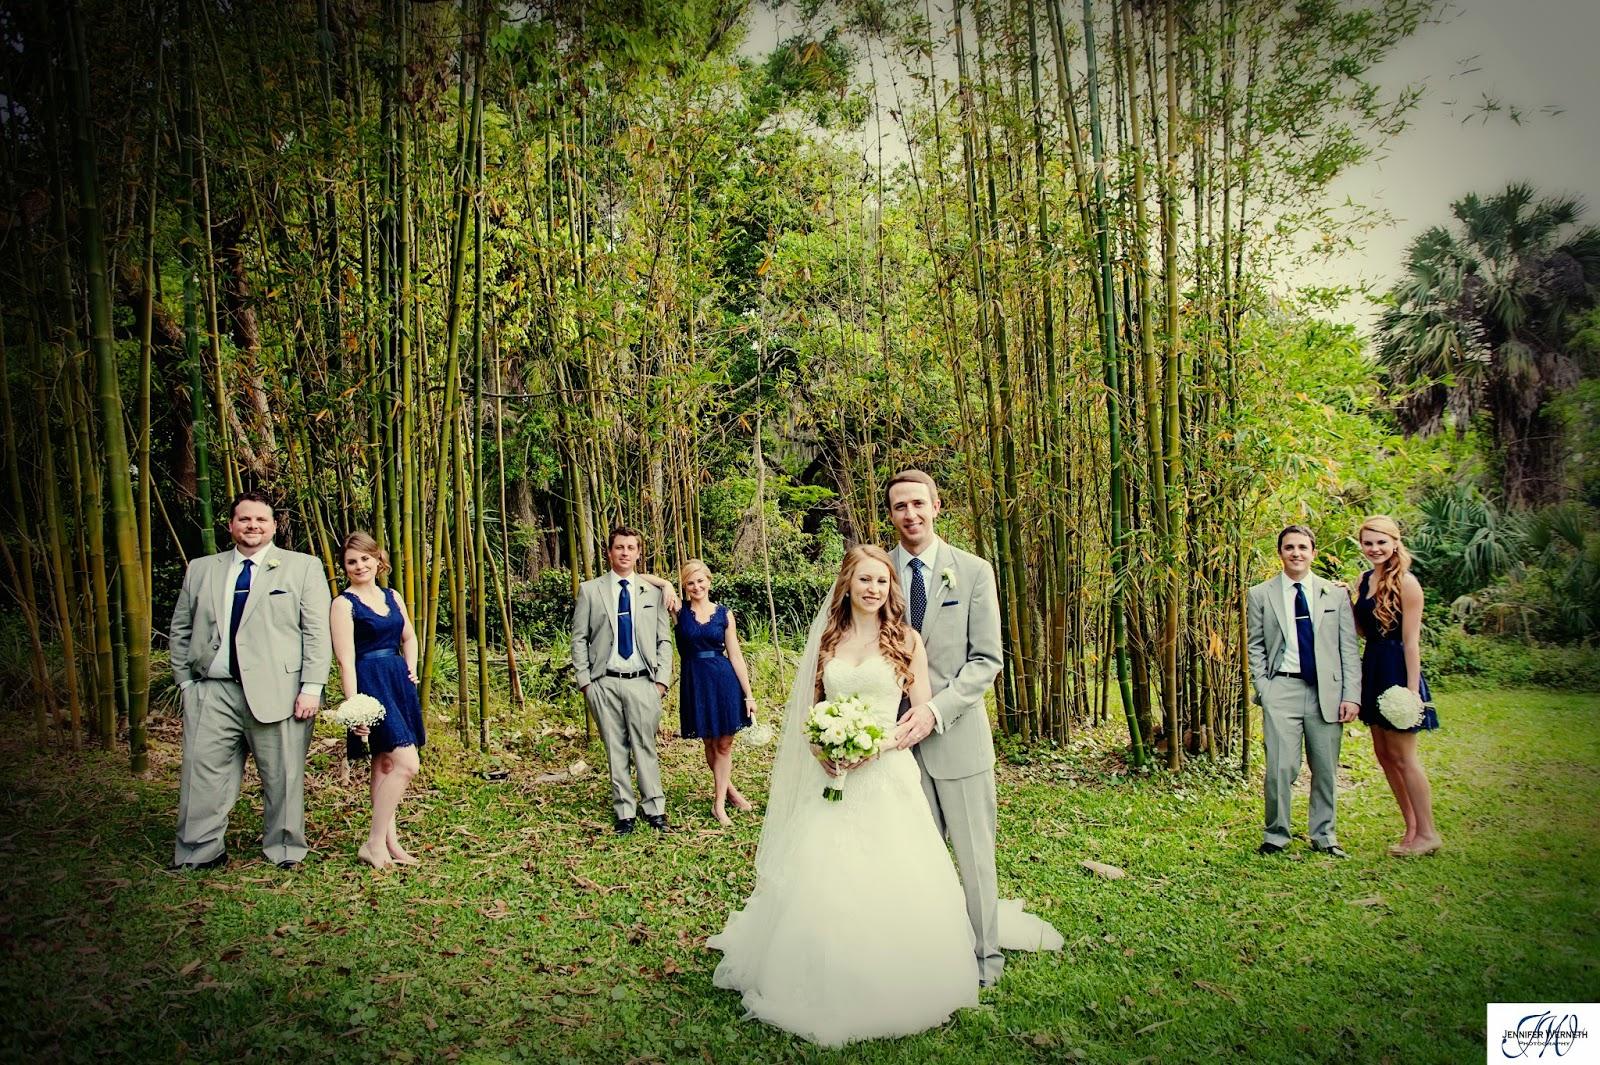 Wedding Photography Lake Mary Events Center -Orlando Photographers